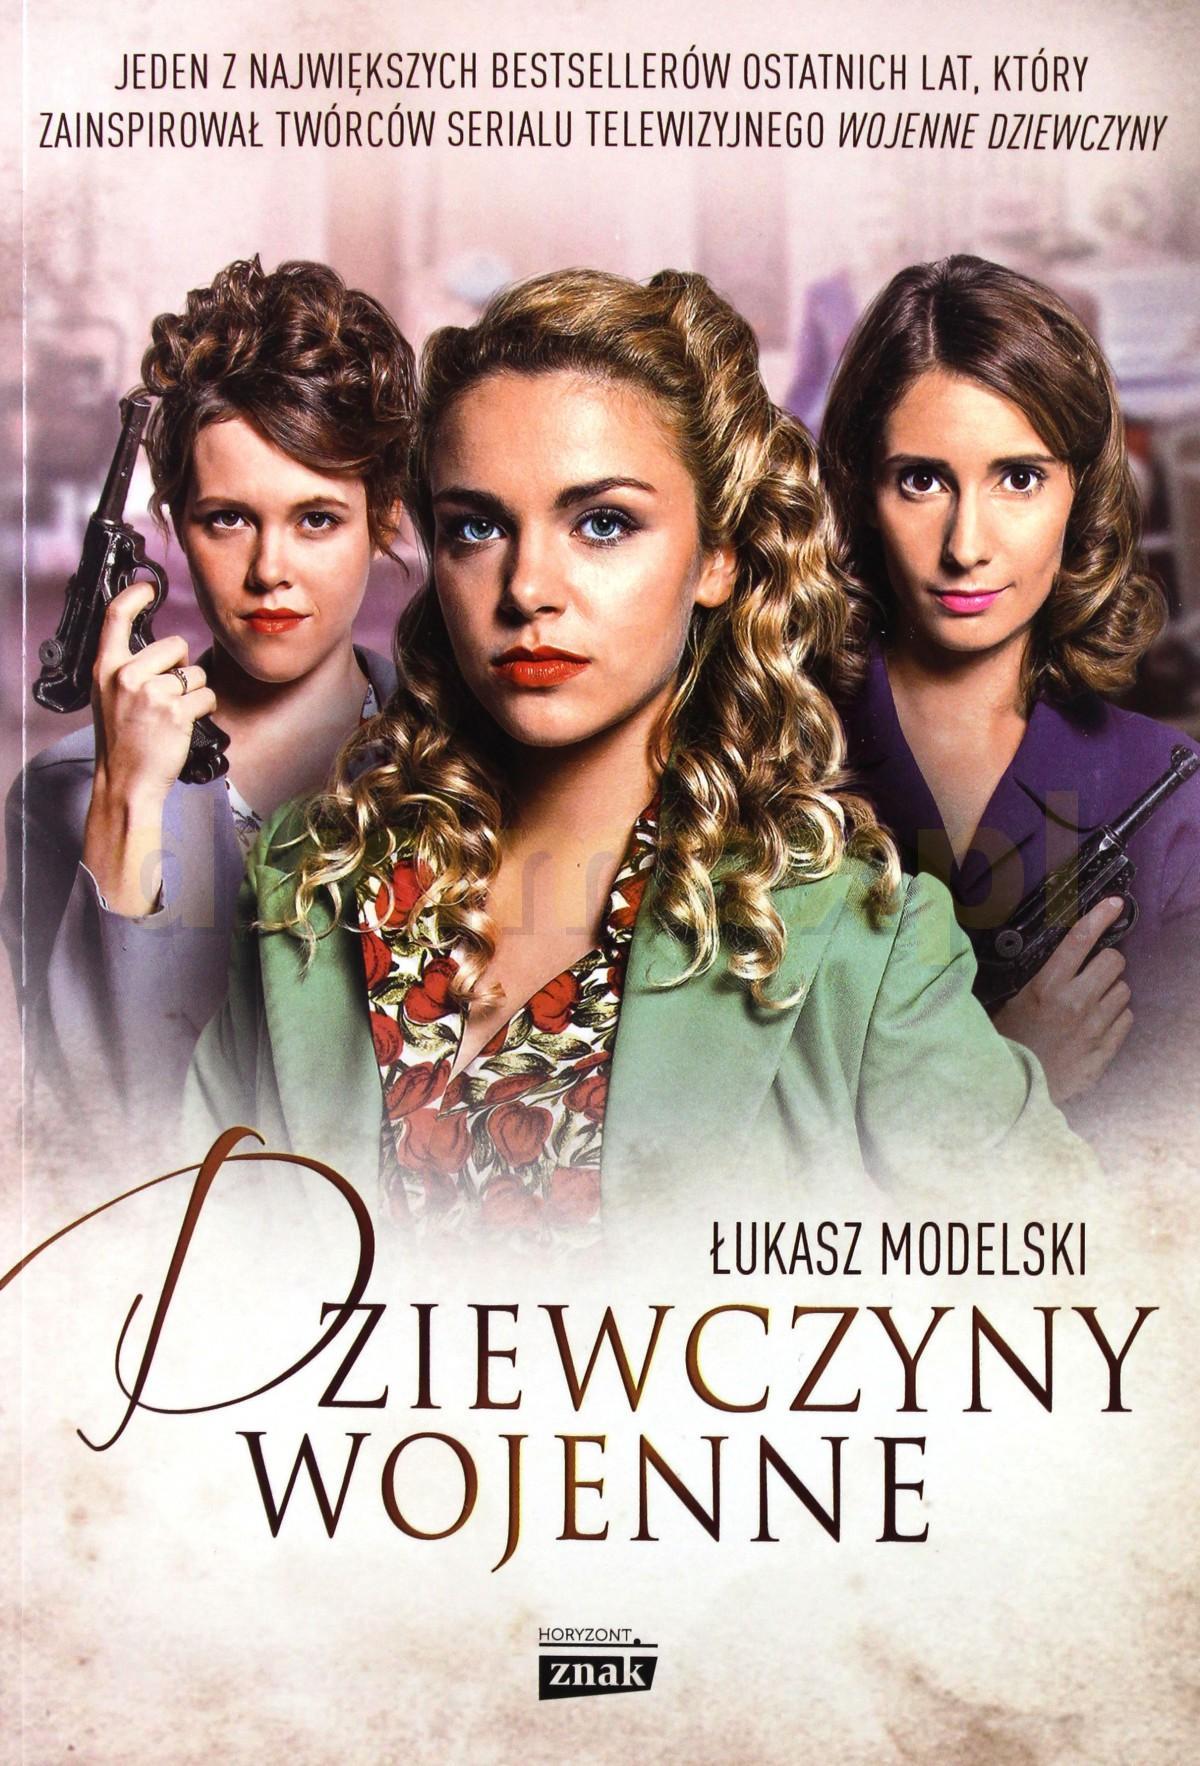 Dziewczyny wojenne - Łukasz Modelski [KSIĄŻKA] - Łukasz Modelski